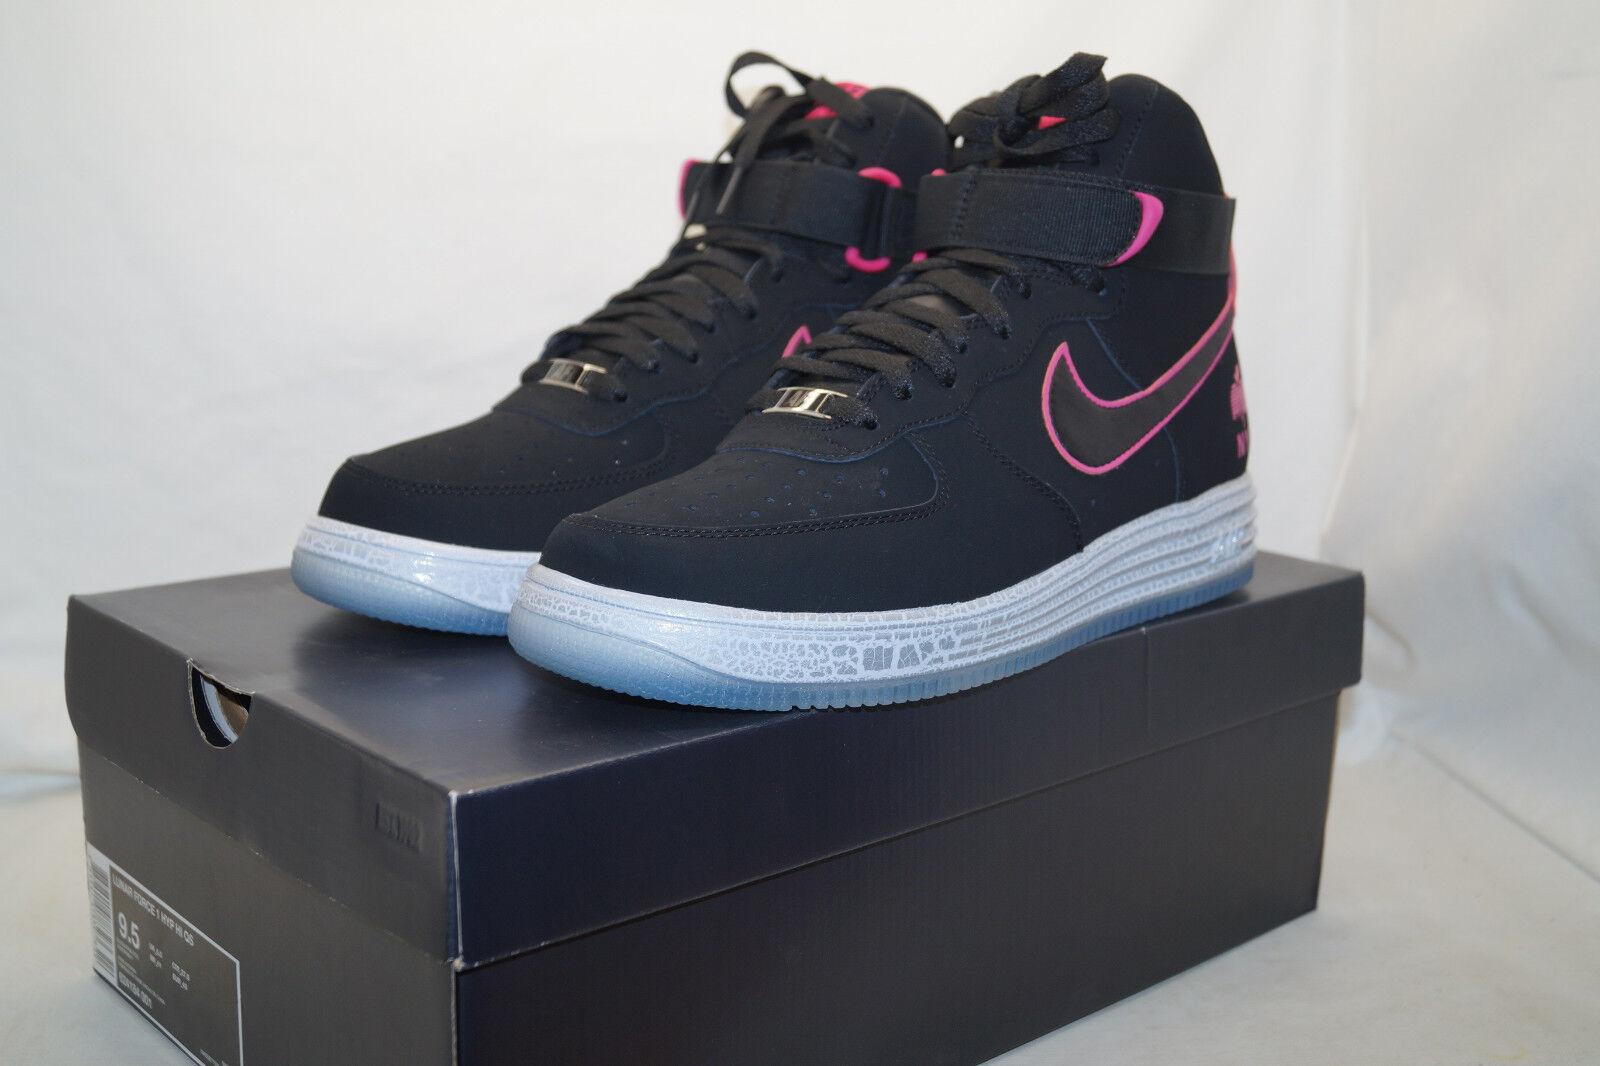 Nike LUNAR FORCE 1 2013 HYP HI QS release 2013 1 EU 43 UK.8,5 schwarz  624184 001 7a2fea